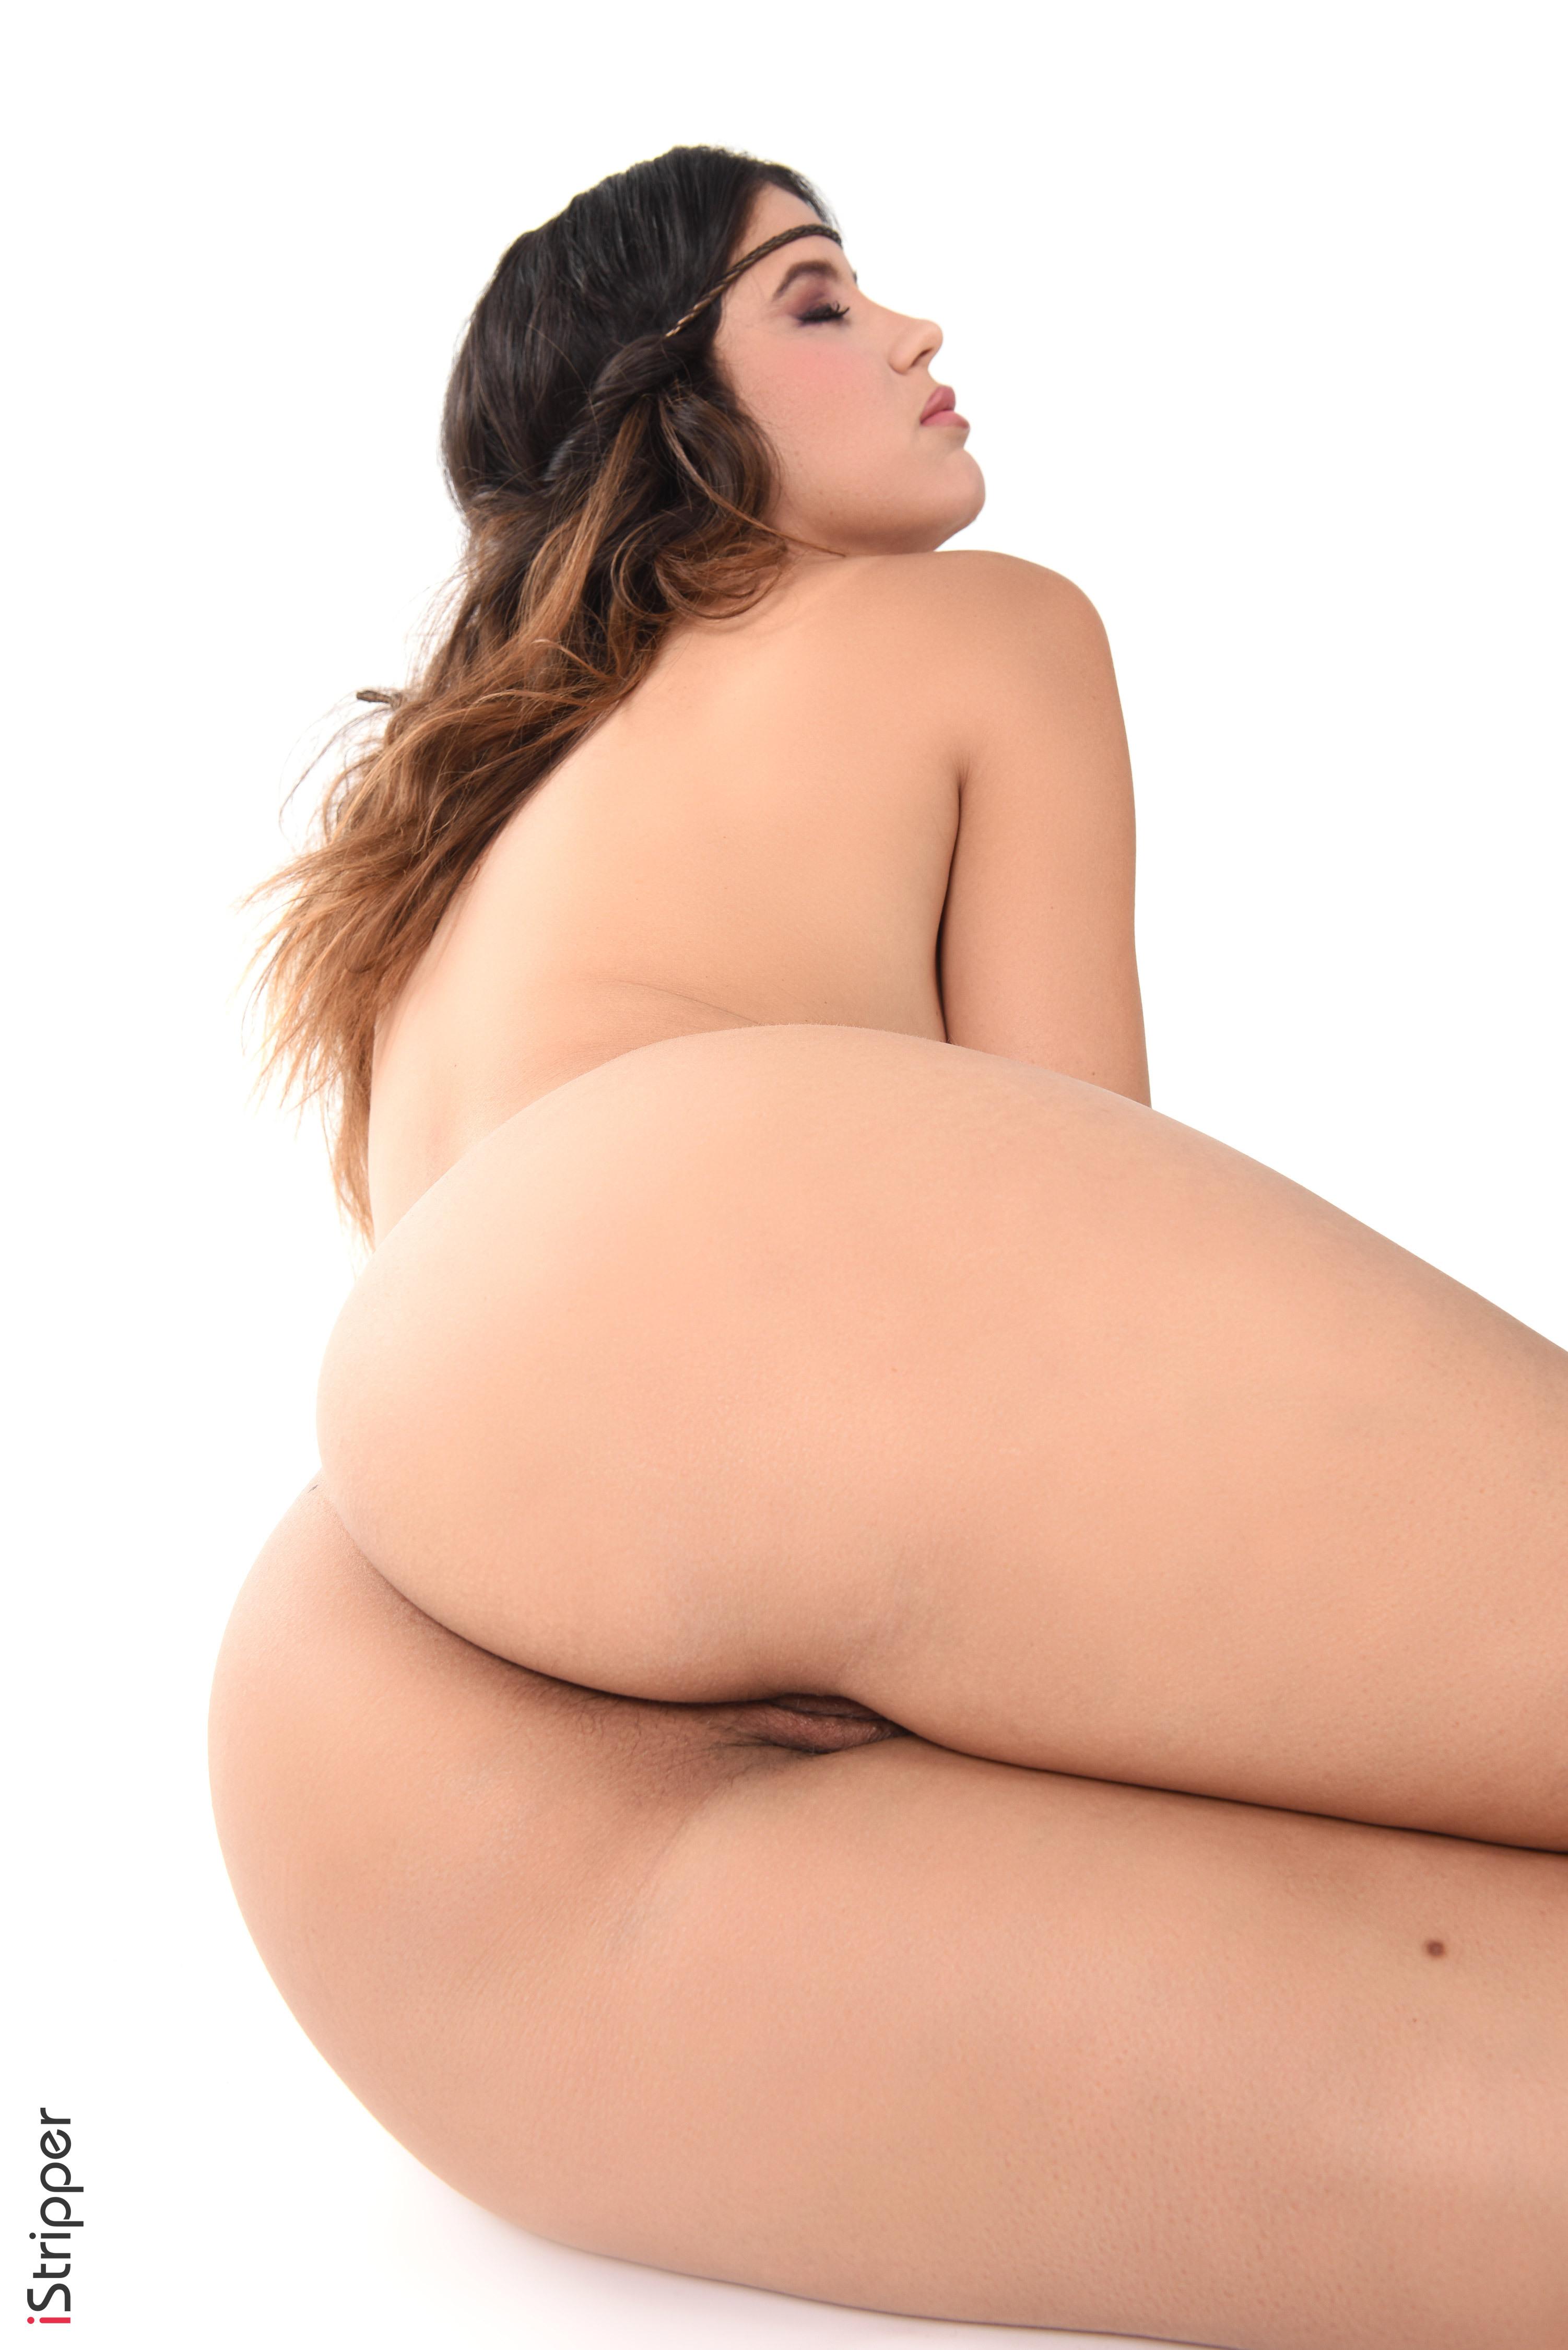 hot erotic models